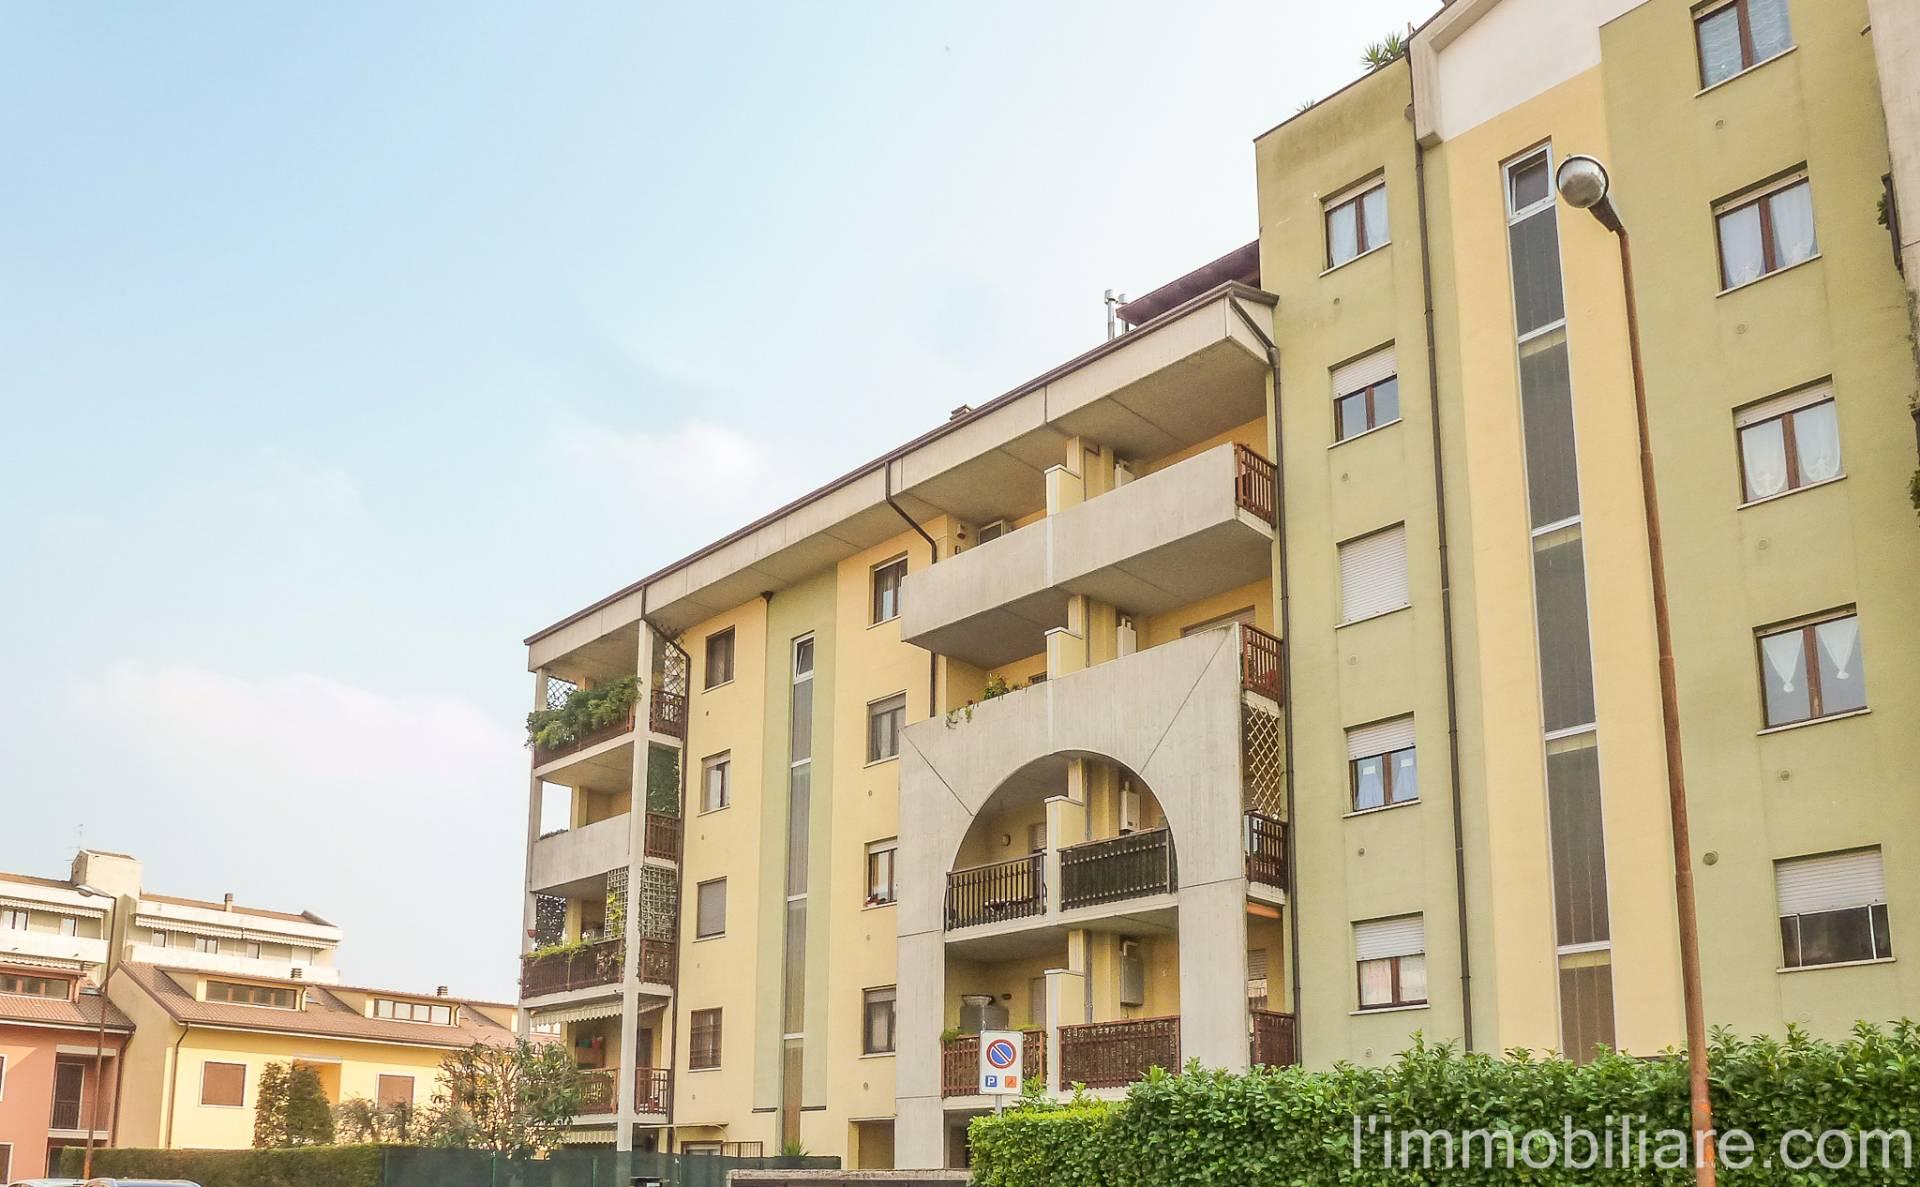 Appartamento in affitto a Bussolengo, 2 locali, zona Località: Semicentrale, prezzo € 600 | CambioCasa.it